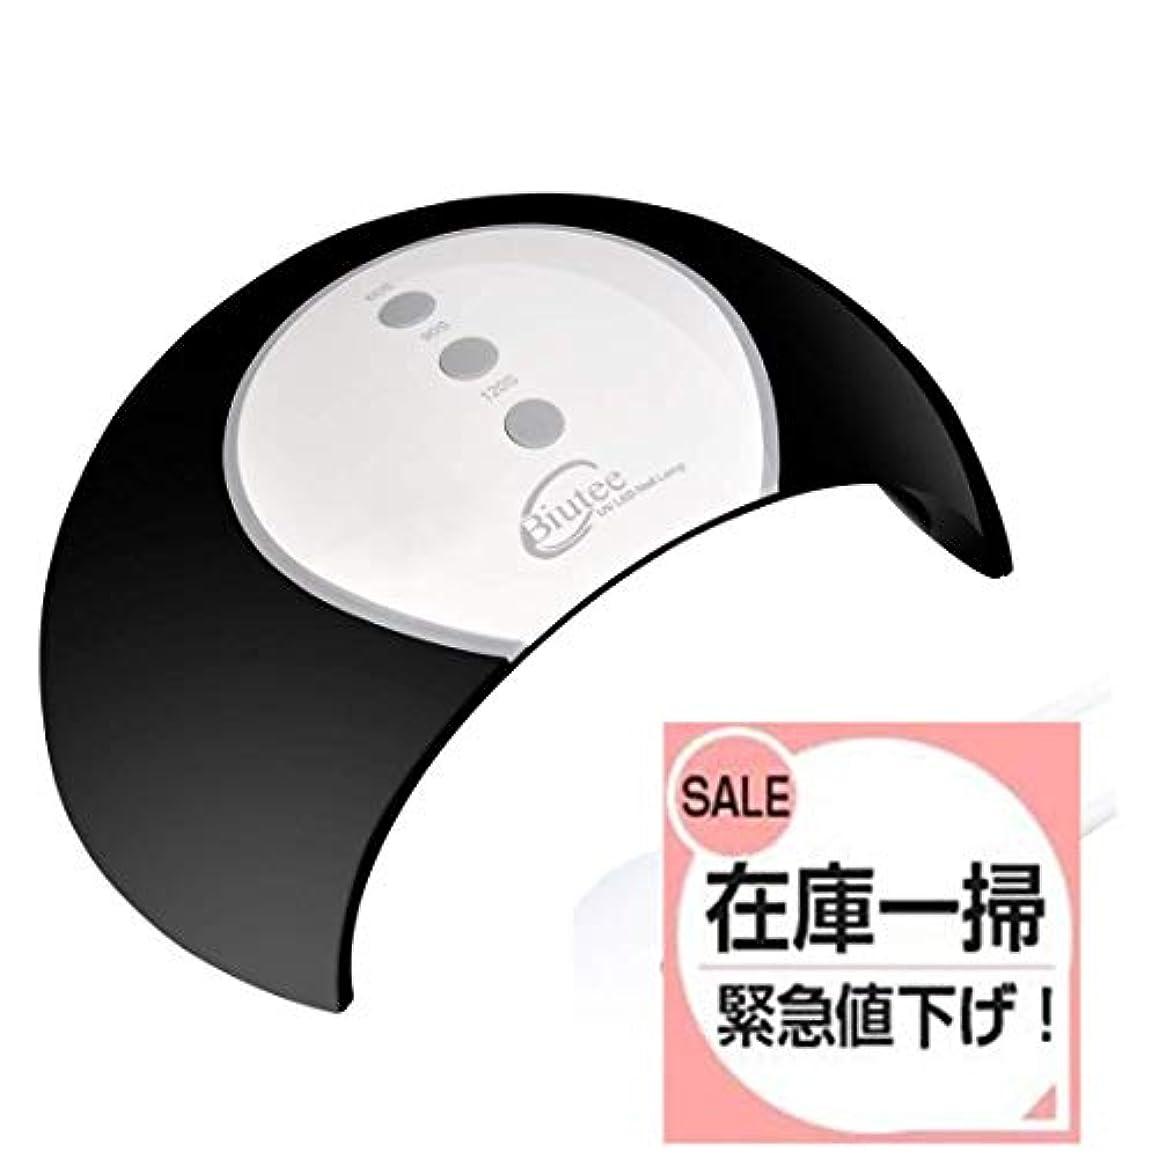 リマークイライラするレーニン主義24W ネイルライト USB充電 8個LED 60s 90s 120sタイマー 手足両用 自動センサー付き ネイルドライヤー UV LED ジェルネイルライト 日本語説明書付き